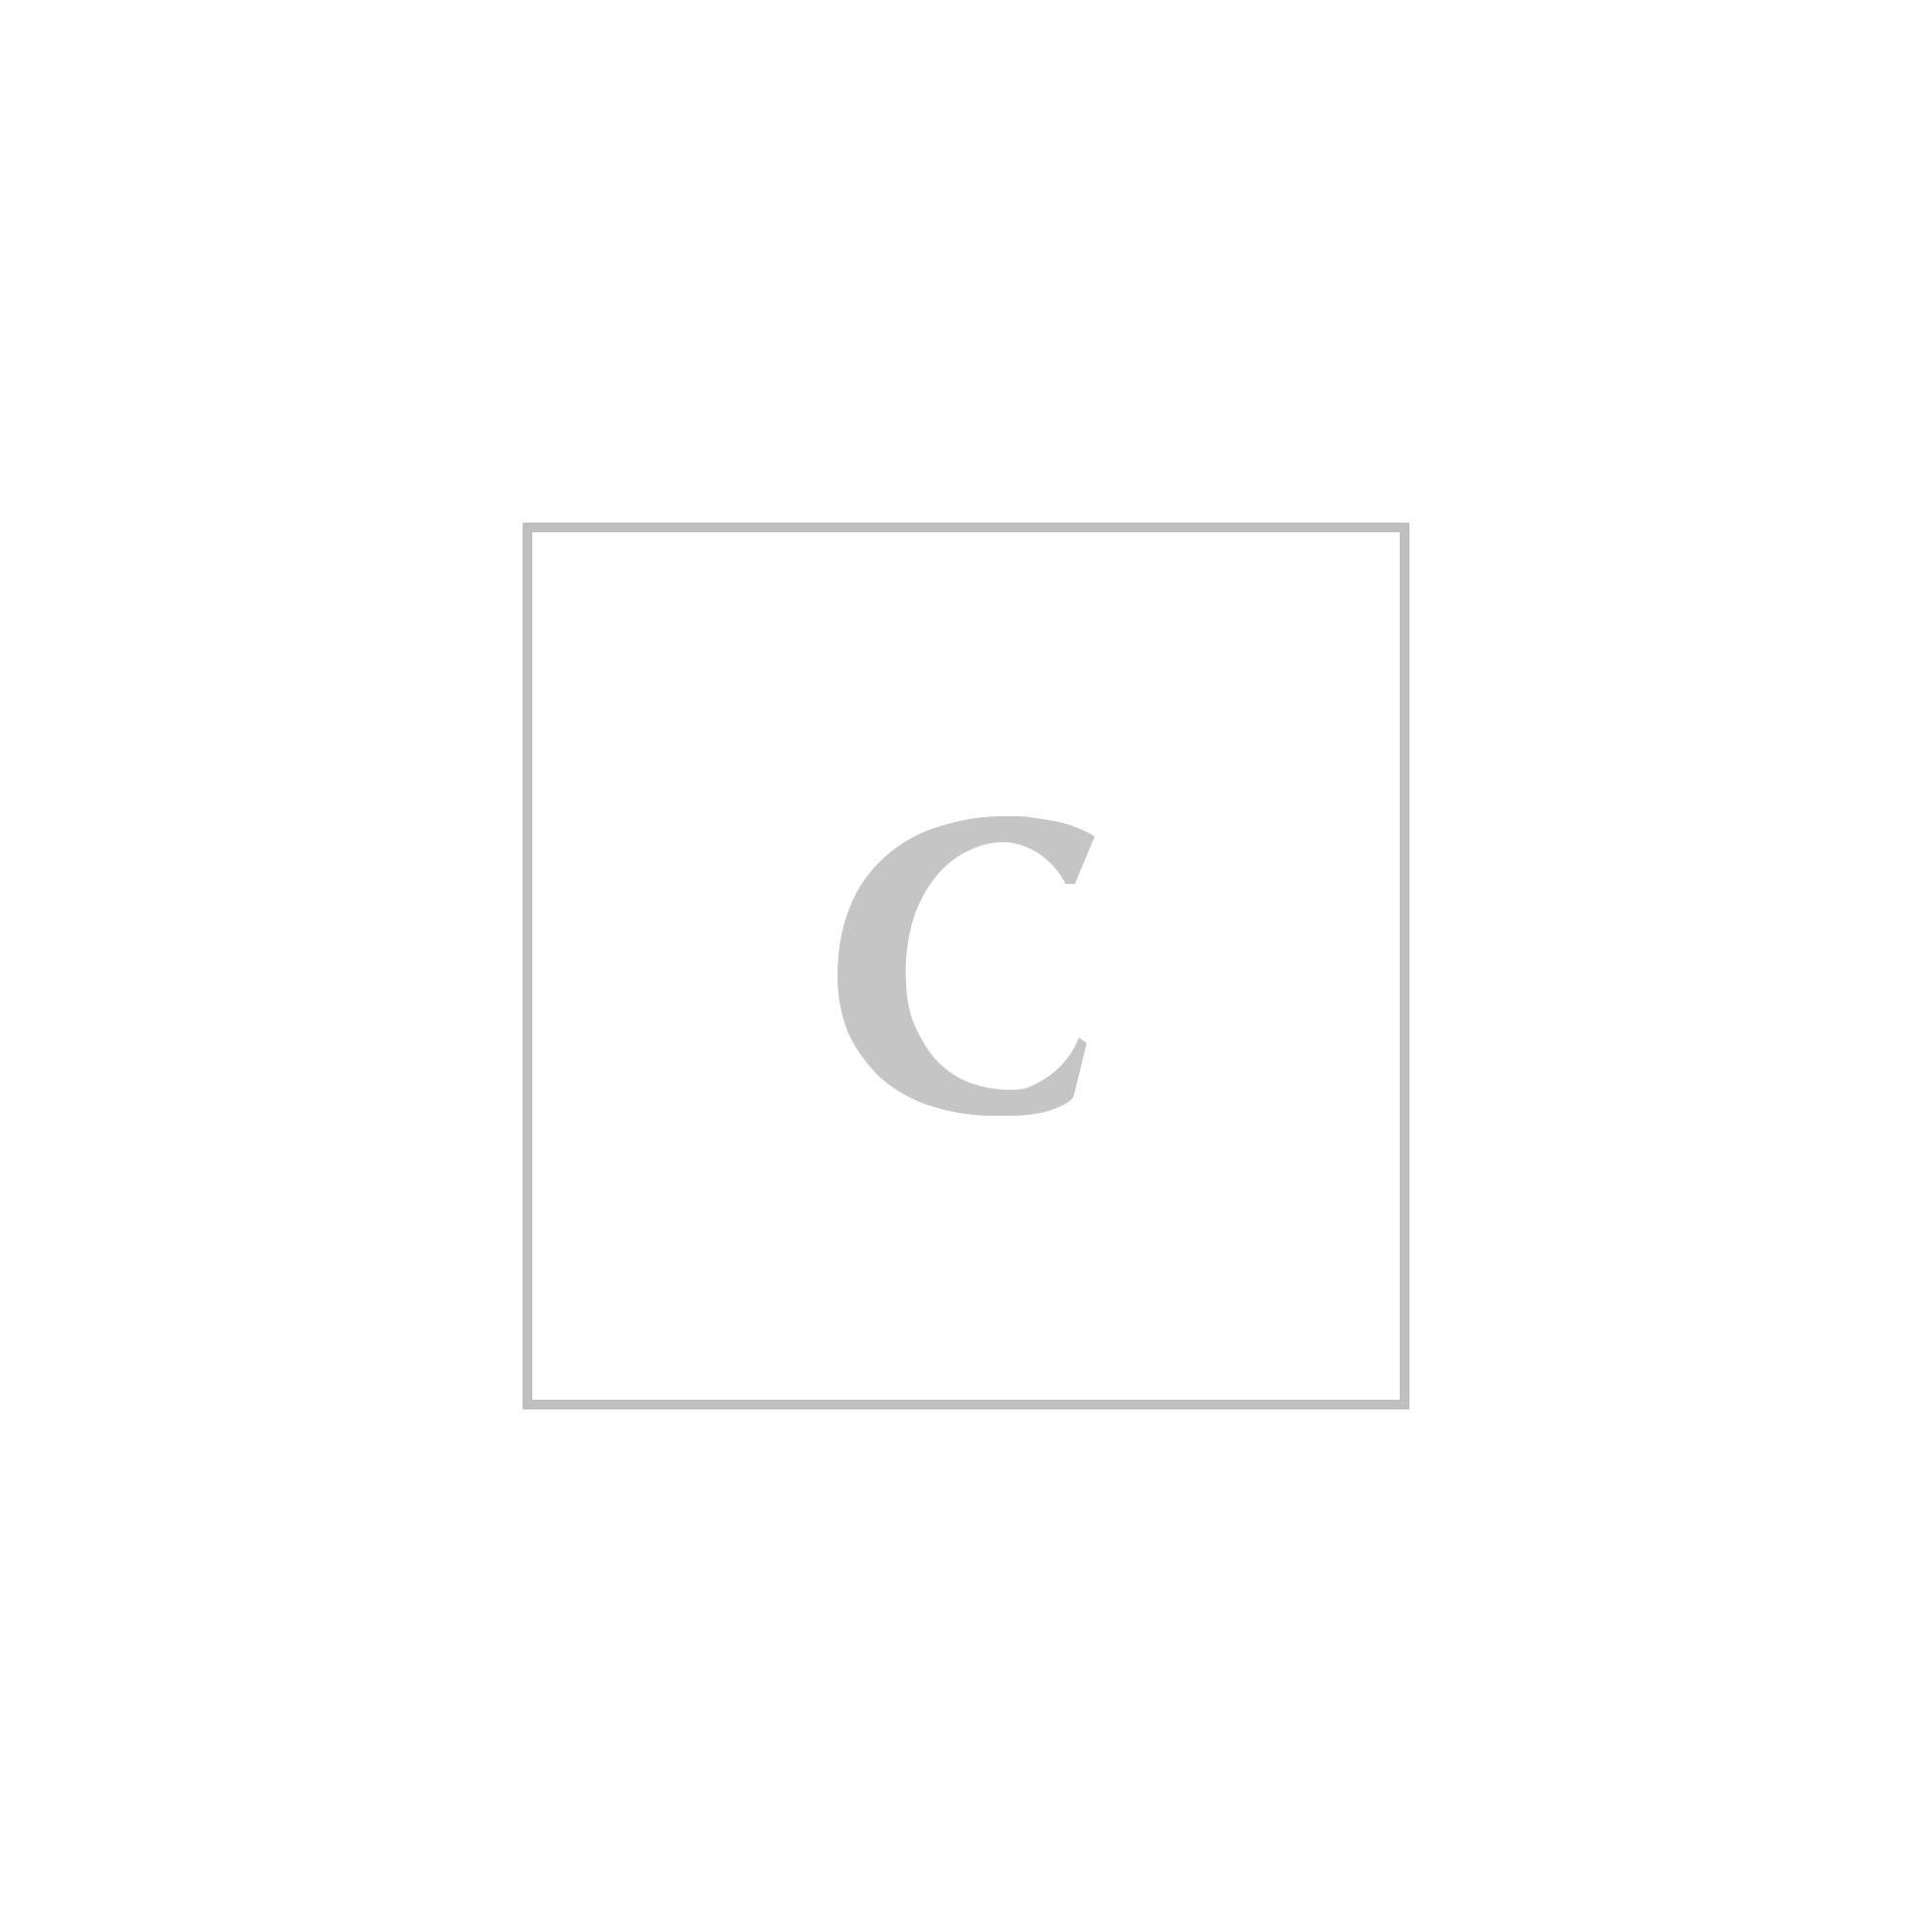 Moncler giubbotto cyclamen